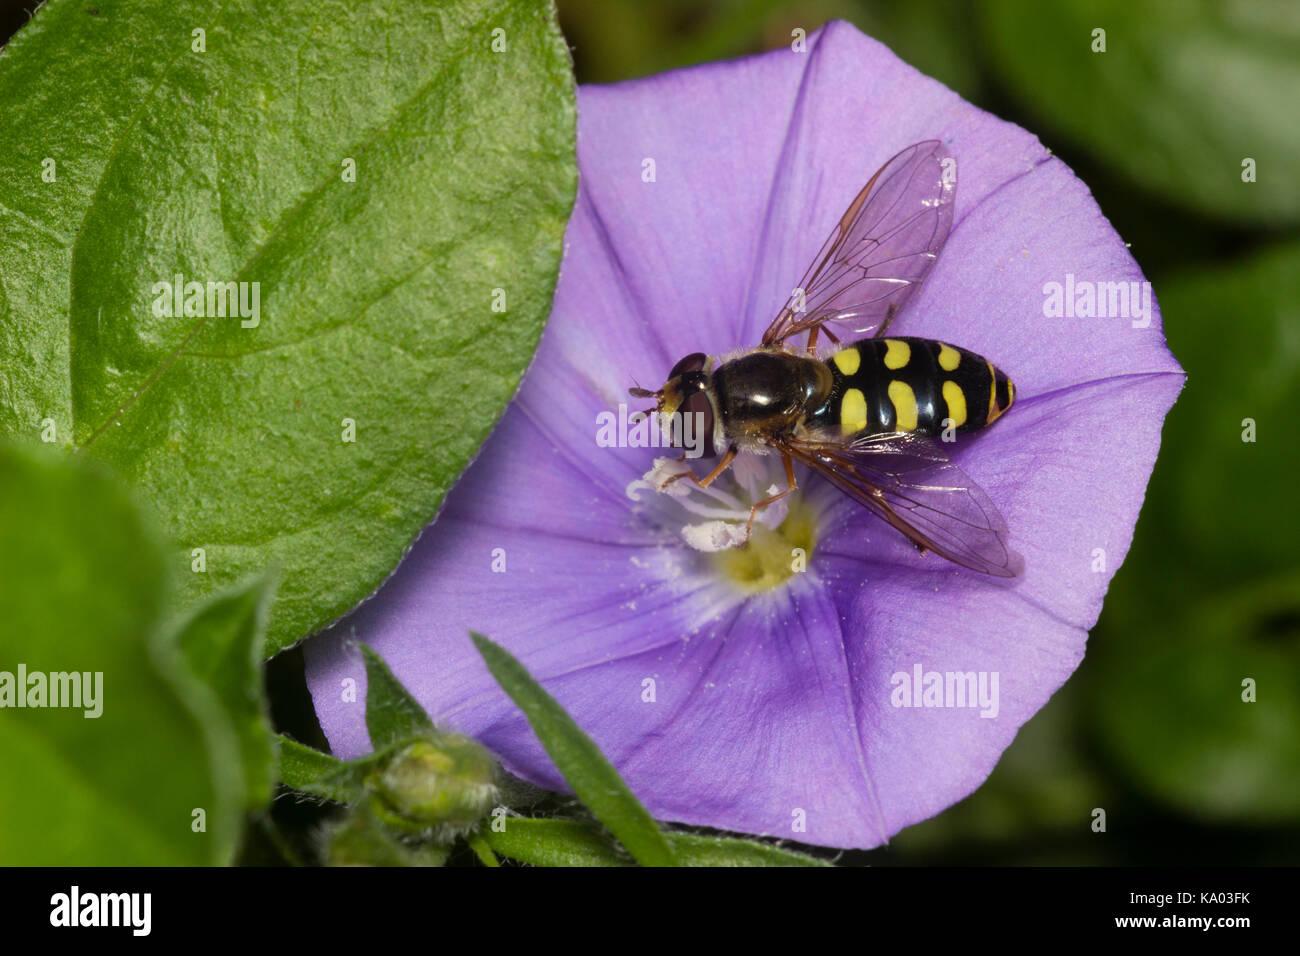 Wasp mimic UK female hoverfly, Eupeodes luniger, feeding on the blue flower of Convolvulus sabatius - Stock Image